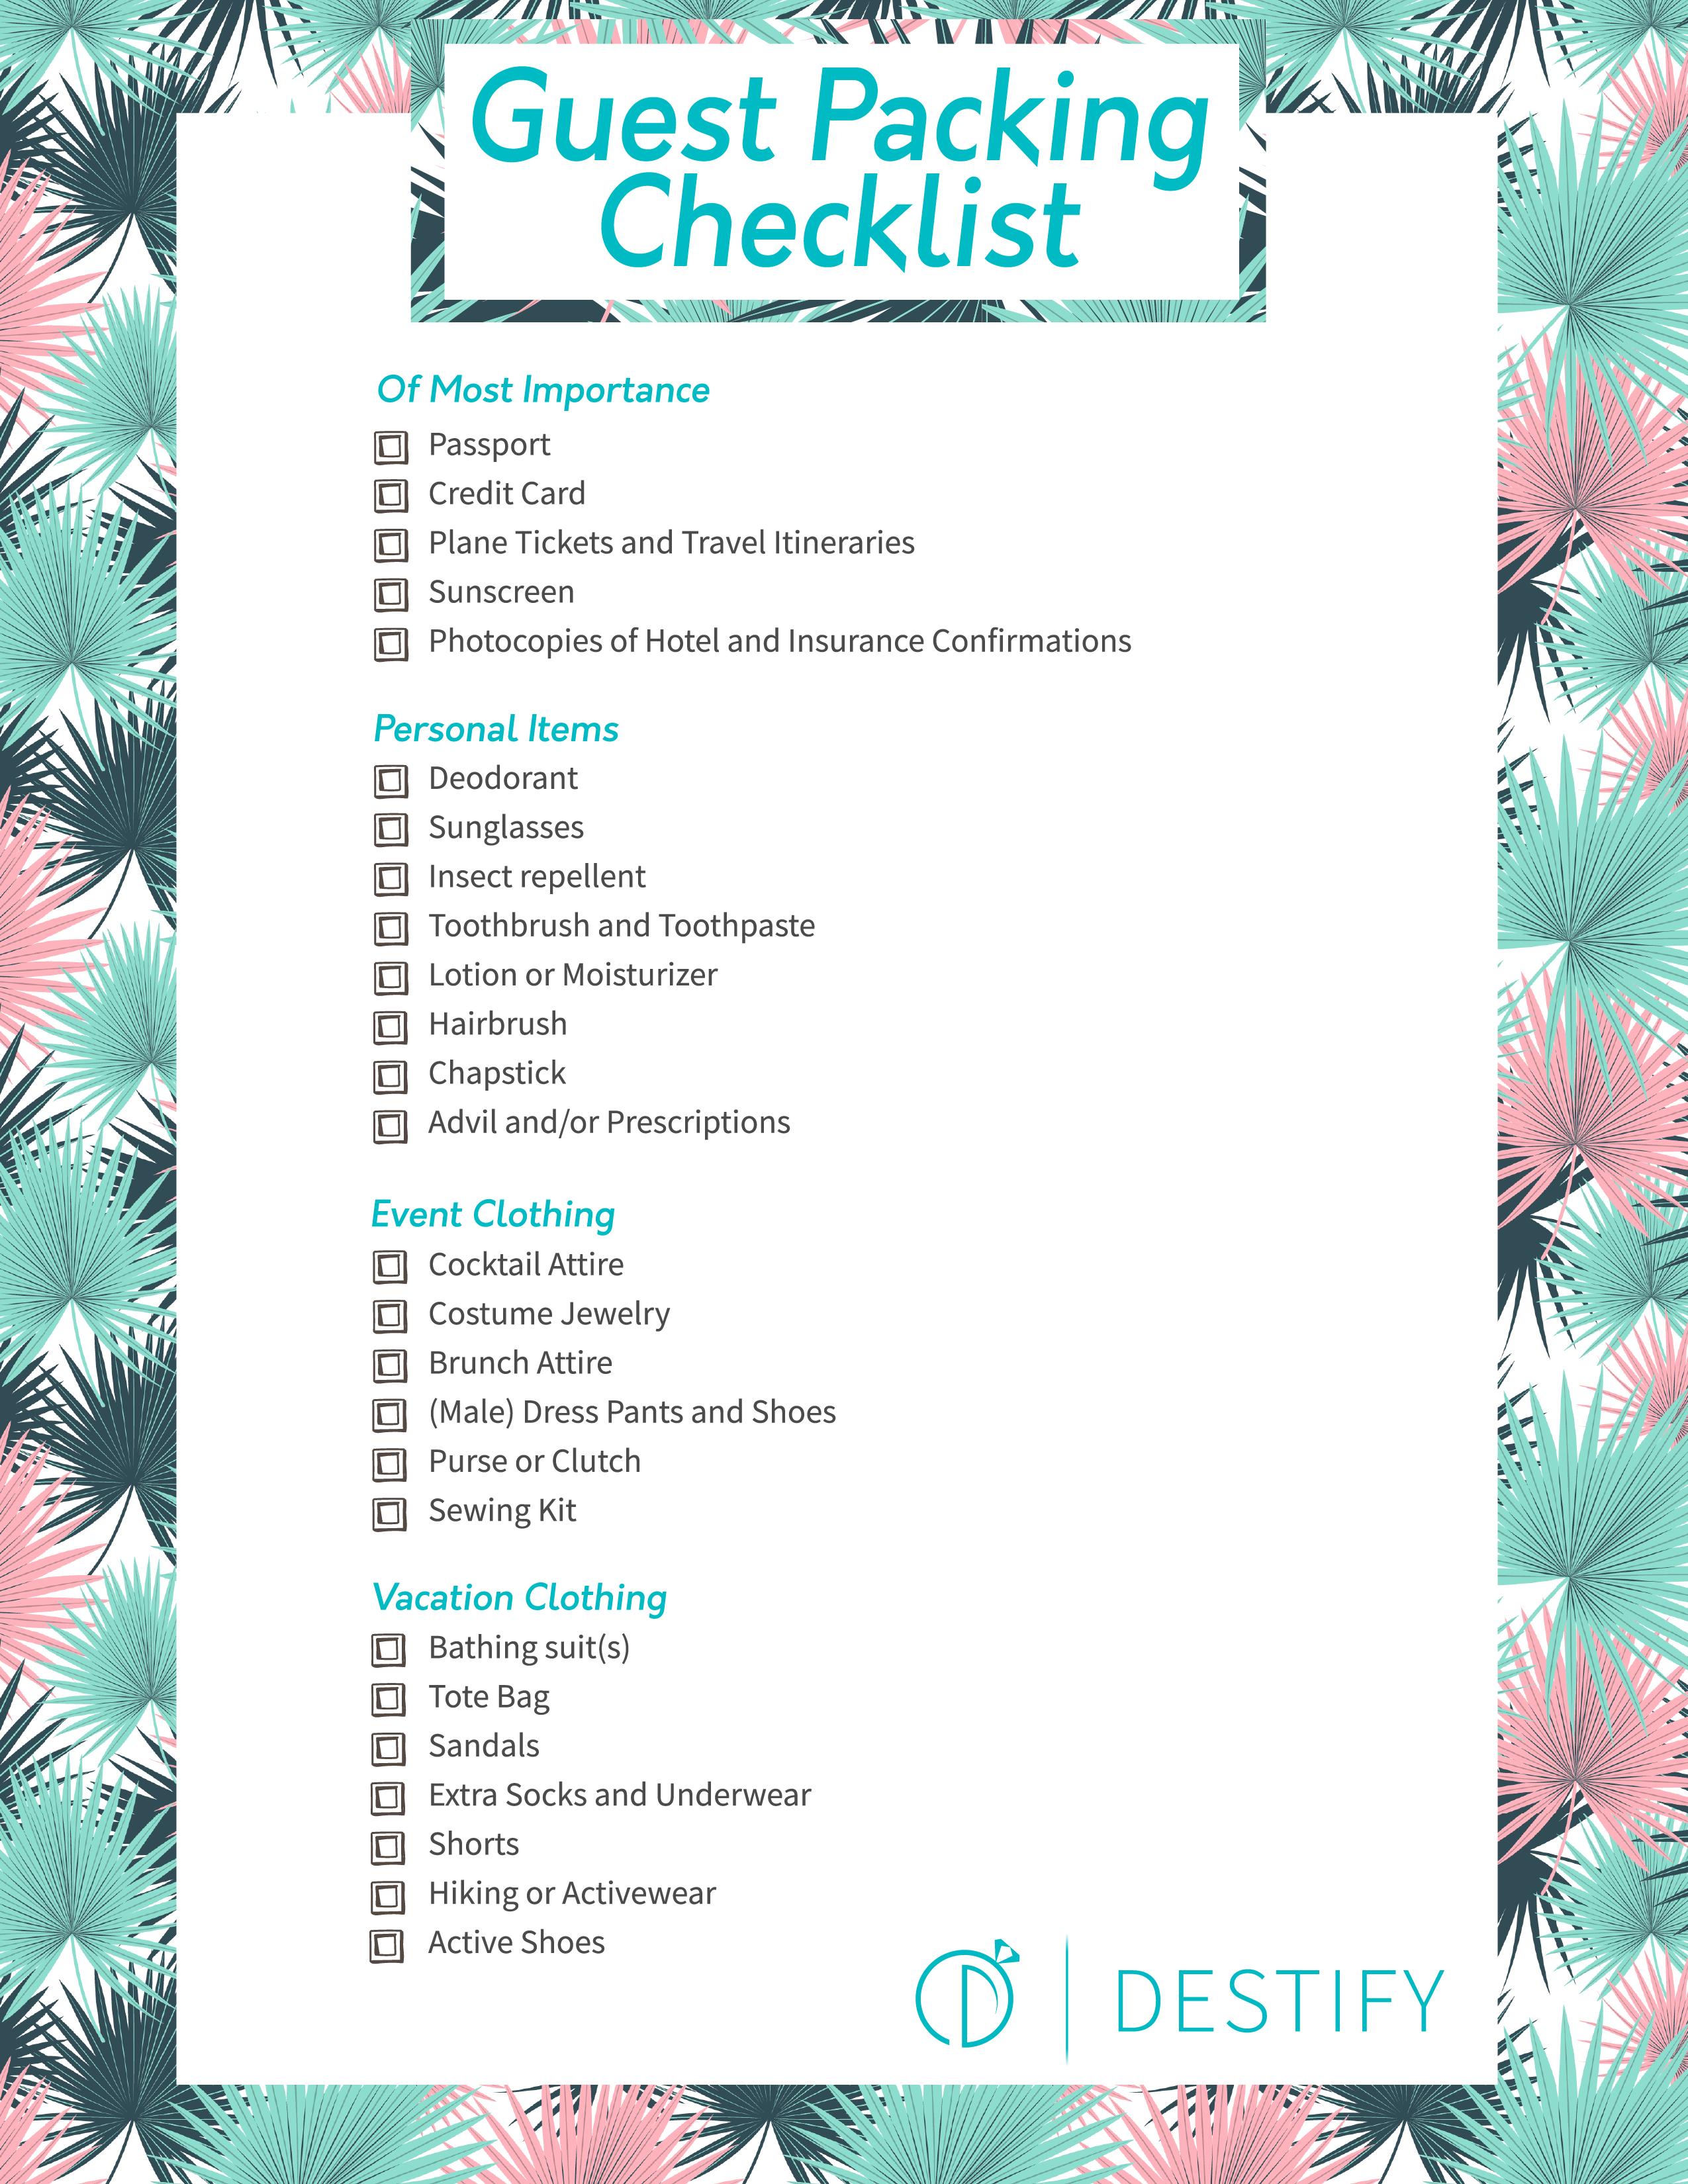 Destination Wedding Guest Packing Checklist Checklist Destination Guest Pack In 2020 Destination Wedding Guest Wedding Guest Checklist Destination Wedding Checklist